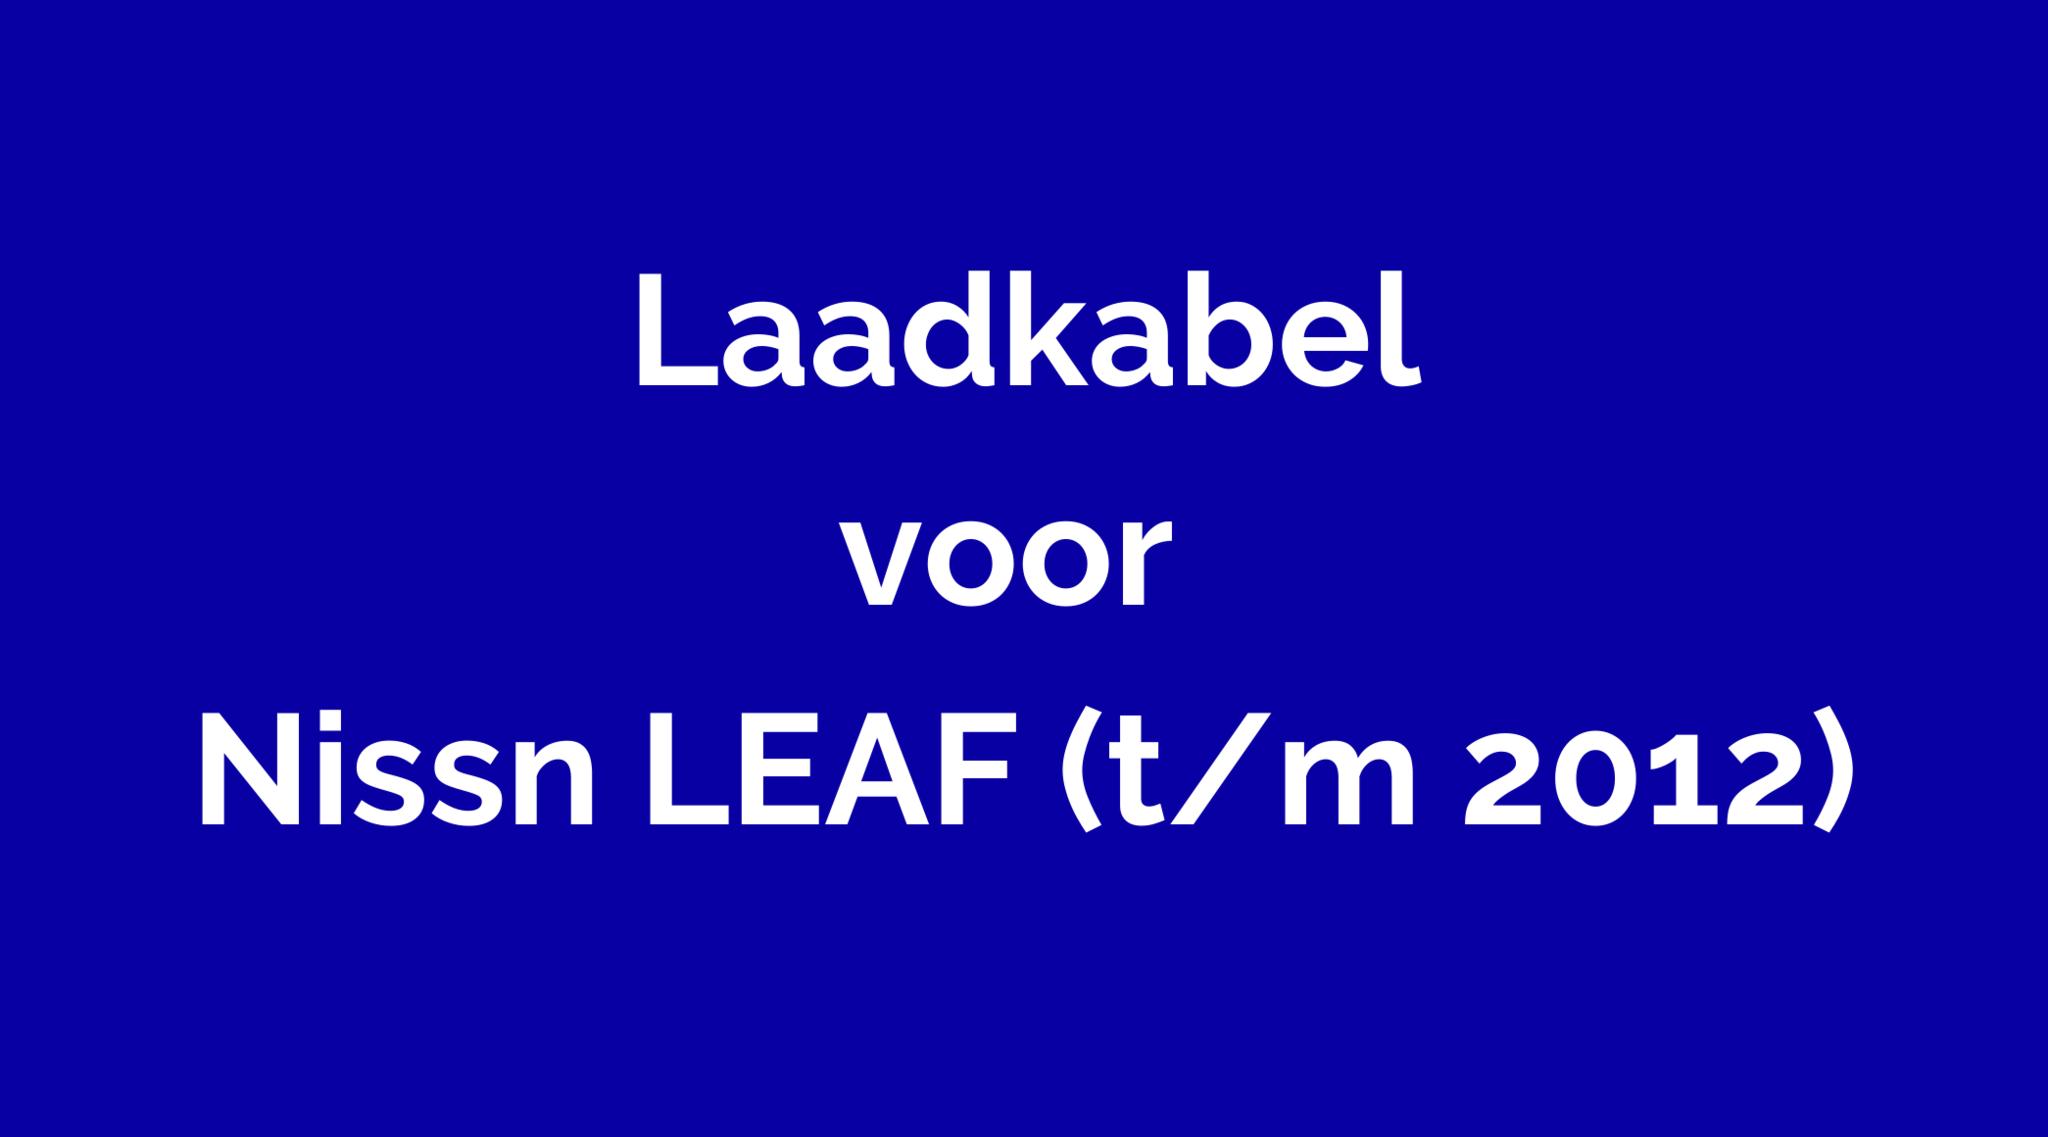 Laadkabel voor Nissan LEAF (t/m 2012)